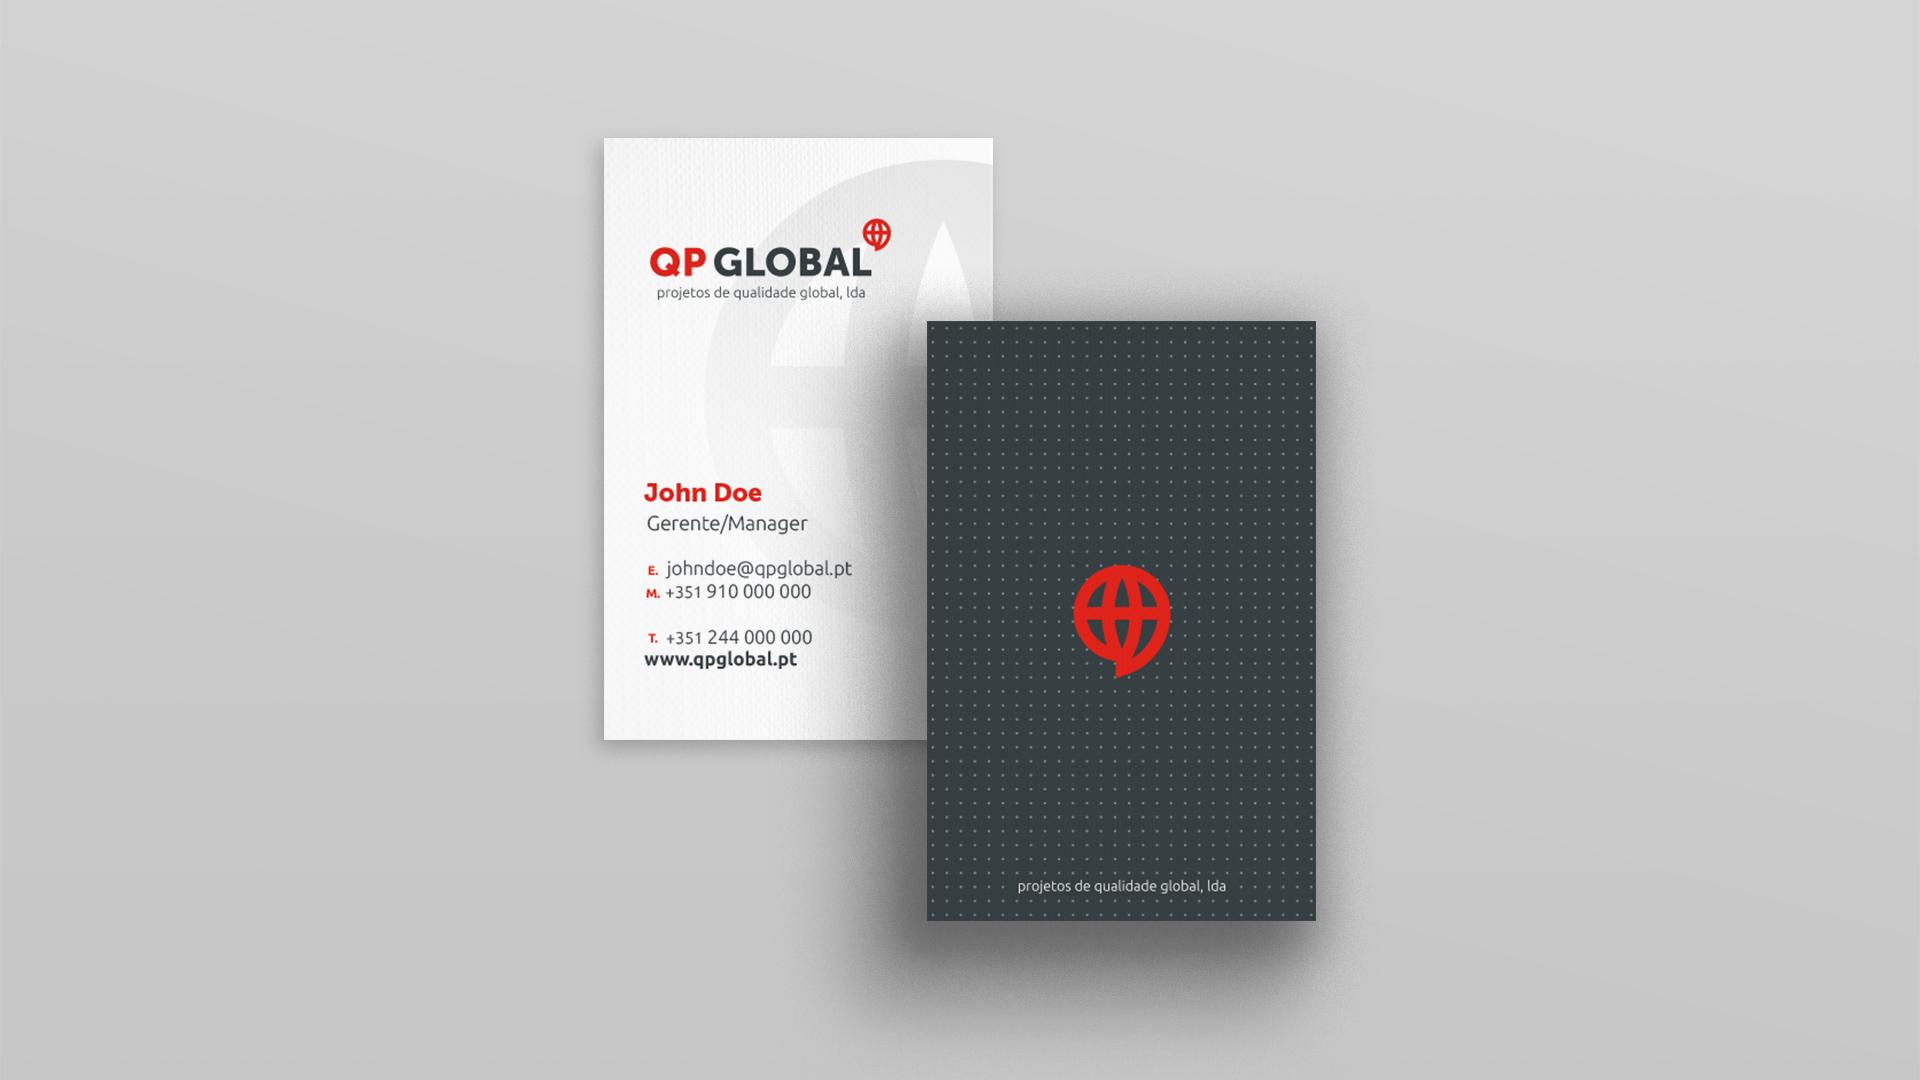 Cartão-de-visita da QPGlobal